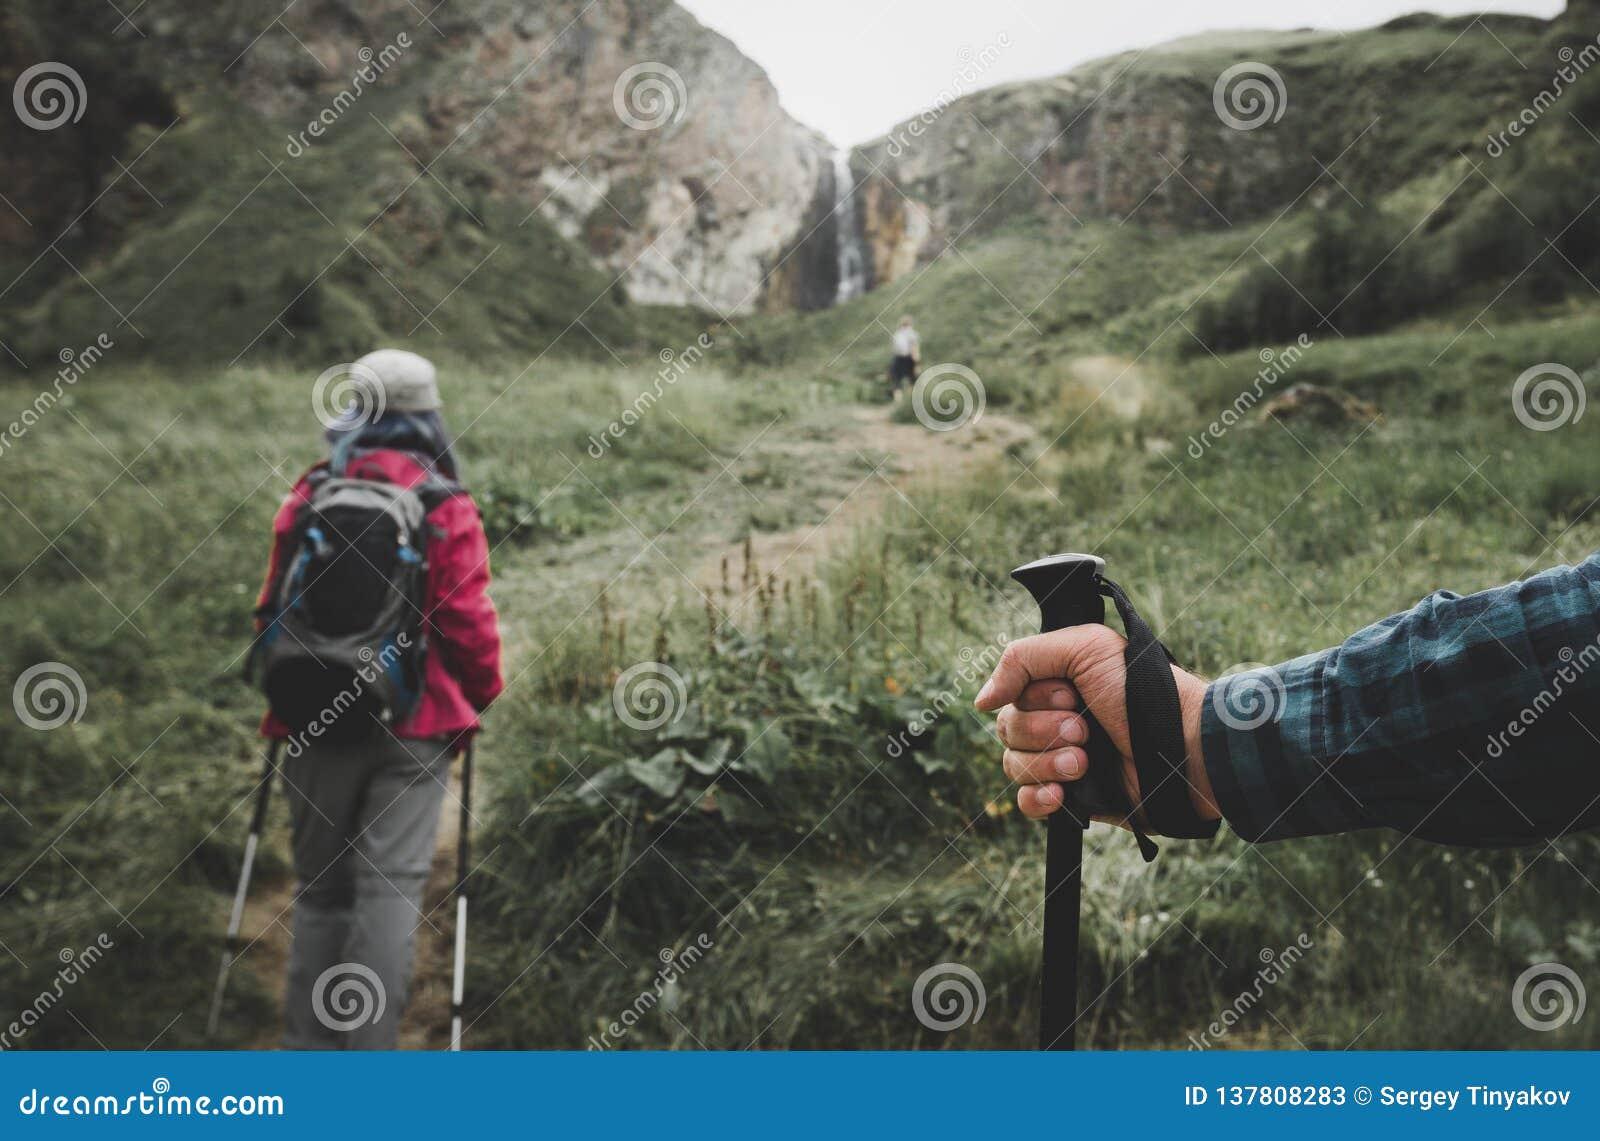 Reisende in den Bergen, Wanderstock in der Hand einer Reisend-Personen-Nahaufnahme Wanderlust-Reise-Lebensstil-Ferien-Konzept